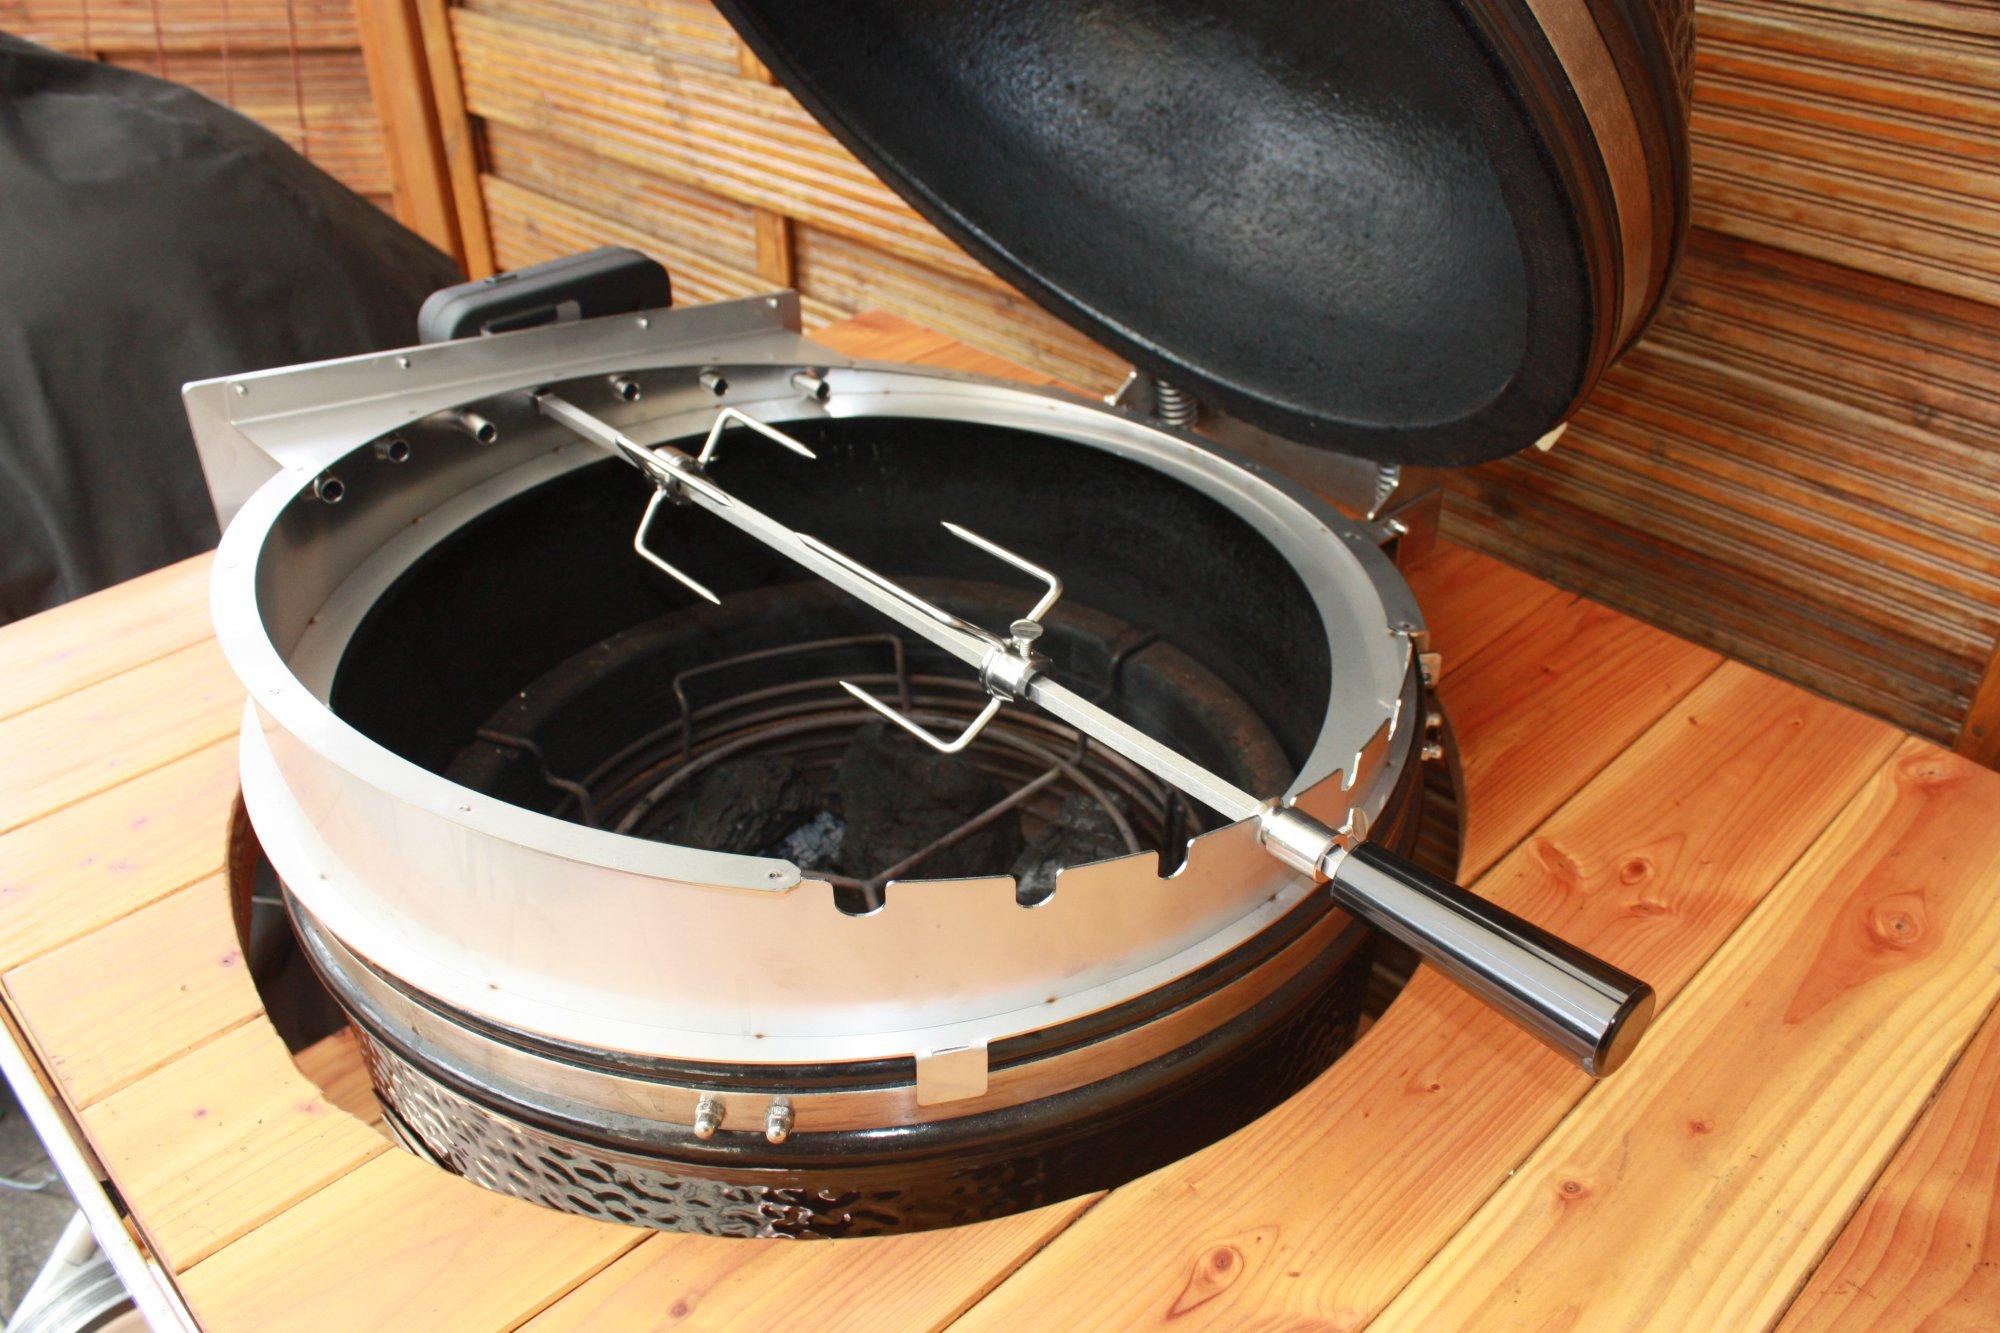 monolith rotisserie drehspie erfahrungen tests rezepte etc grillforum und bbq www. Black Bedroom Furniture Sets. Home Design Ideas